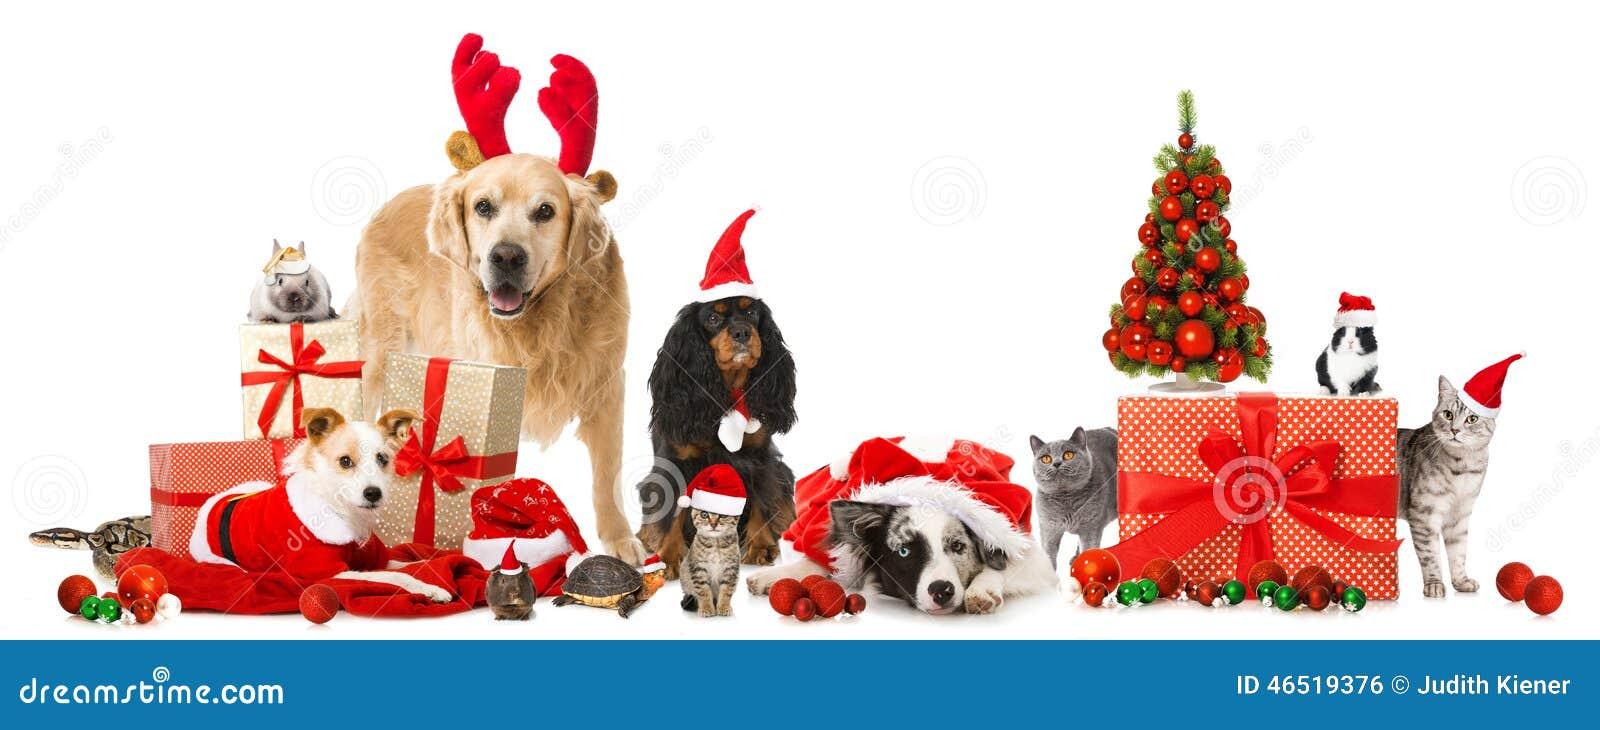 Animais de estimação do Natal